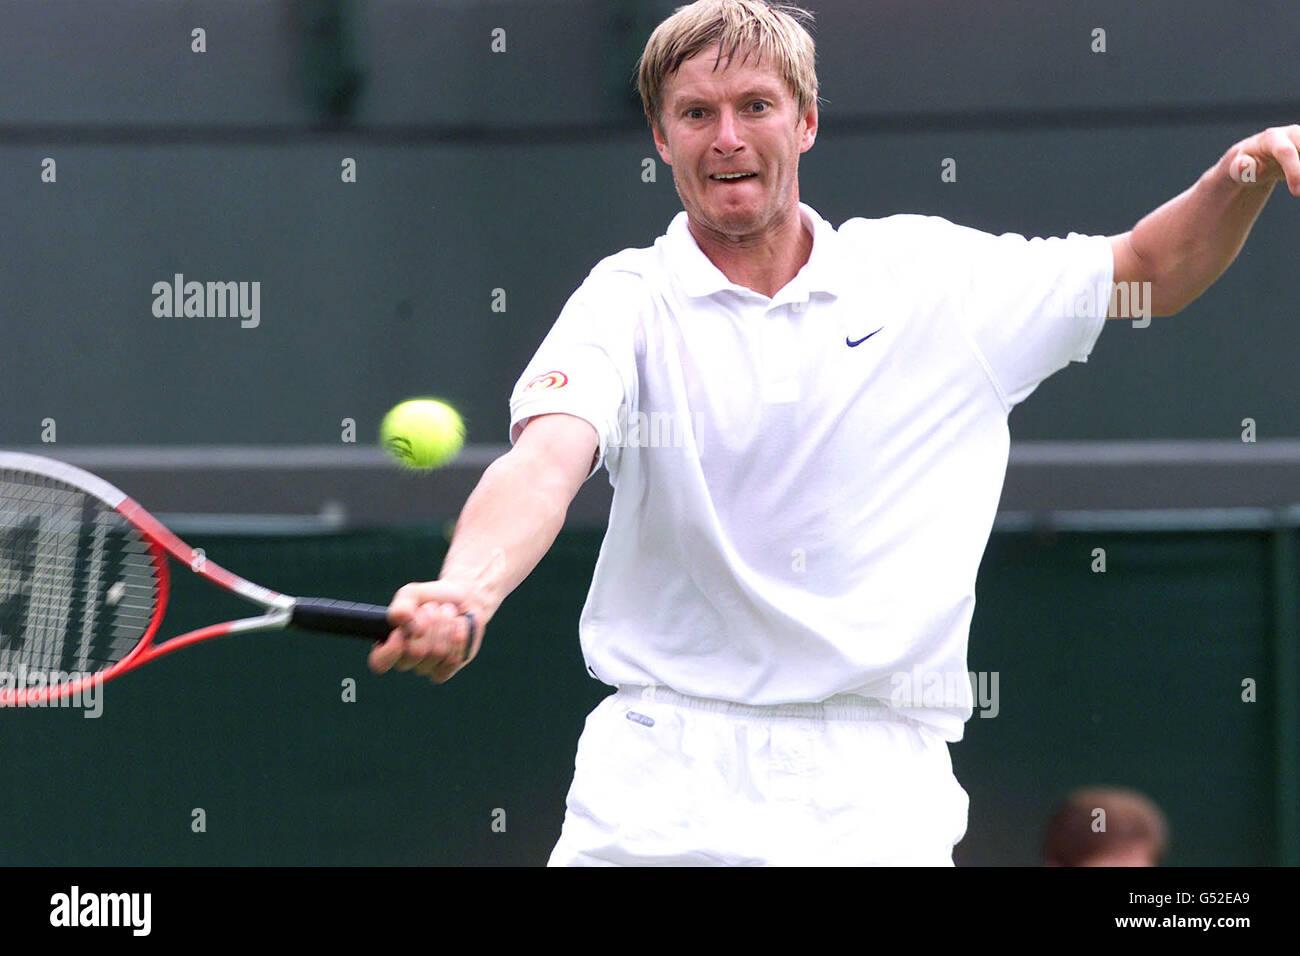 Wimbledon Yevgeny Kafelnikov Stock Royalty Free Image